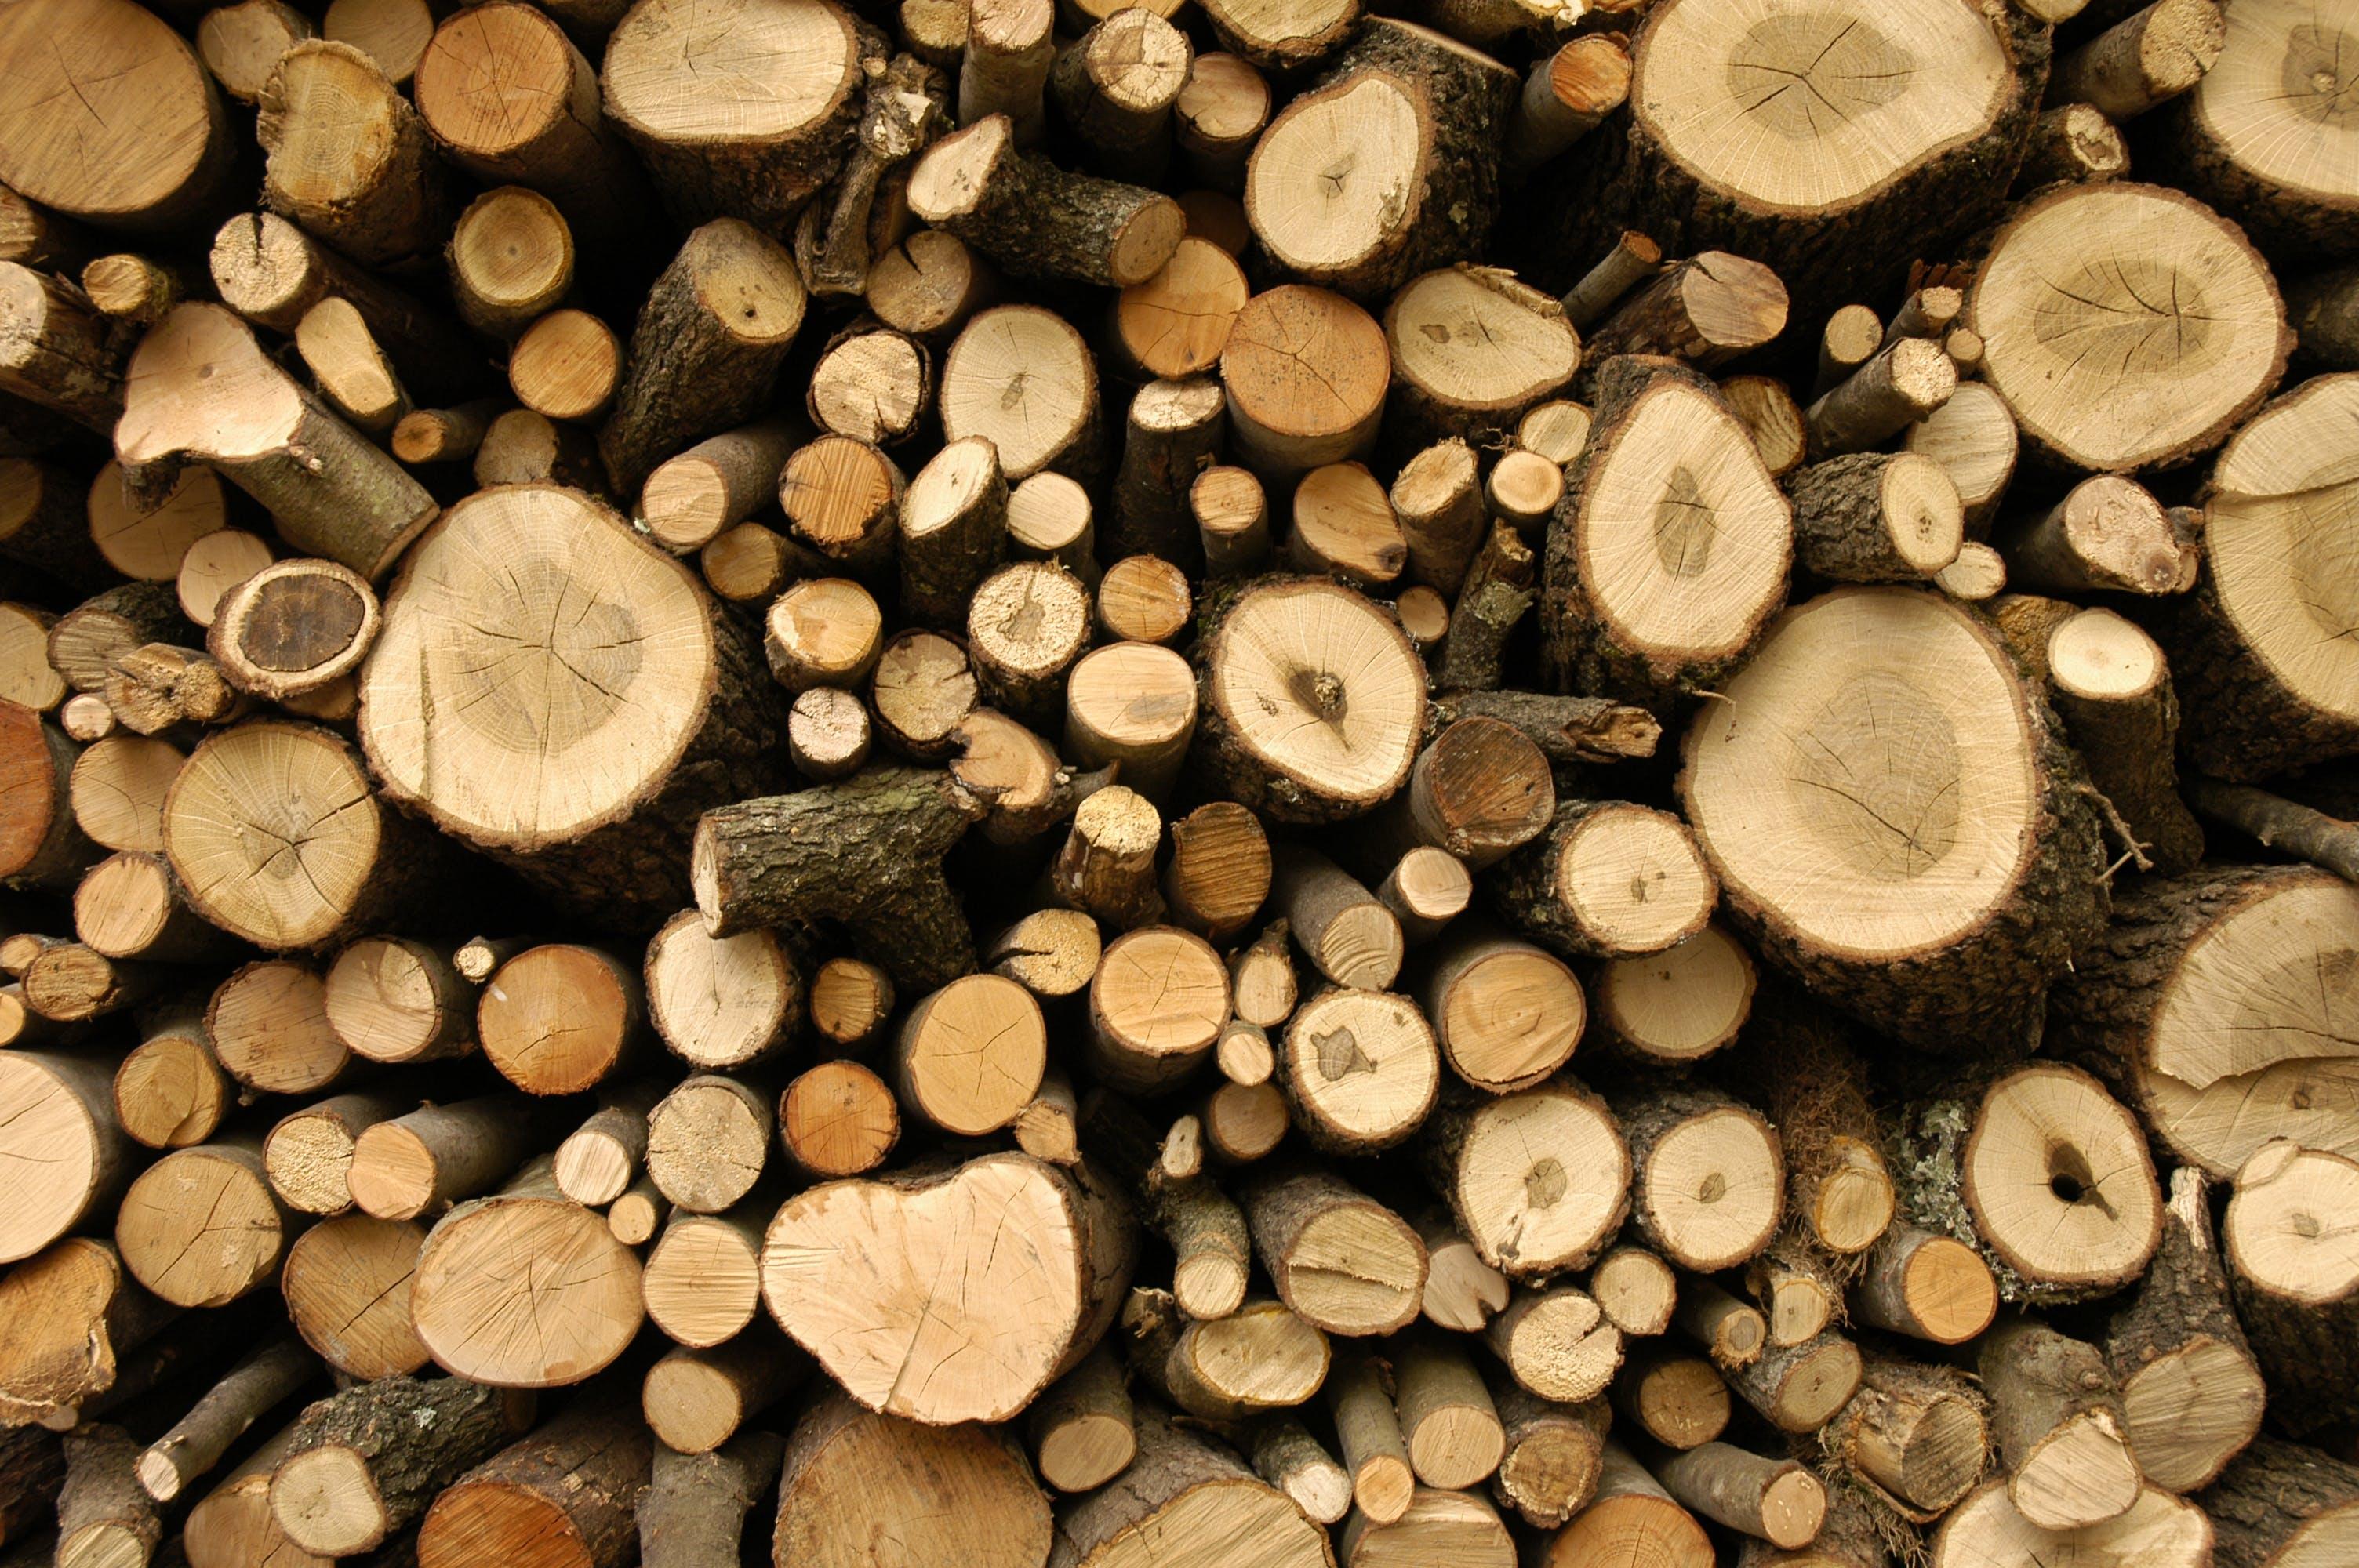 Kostenloses Stock Foto zu borke, brennholz, brennhölzer, draußen